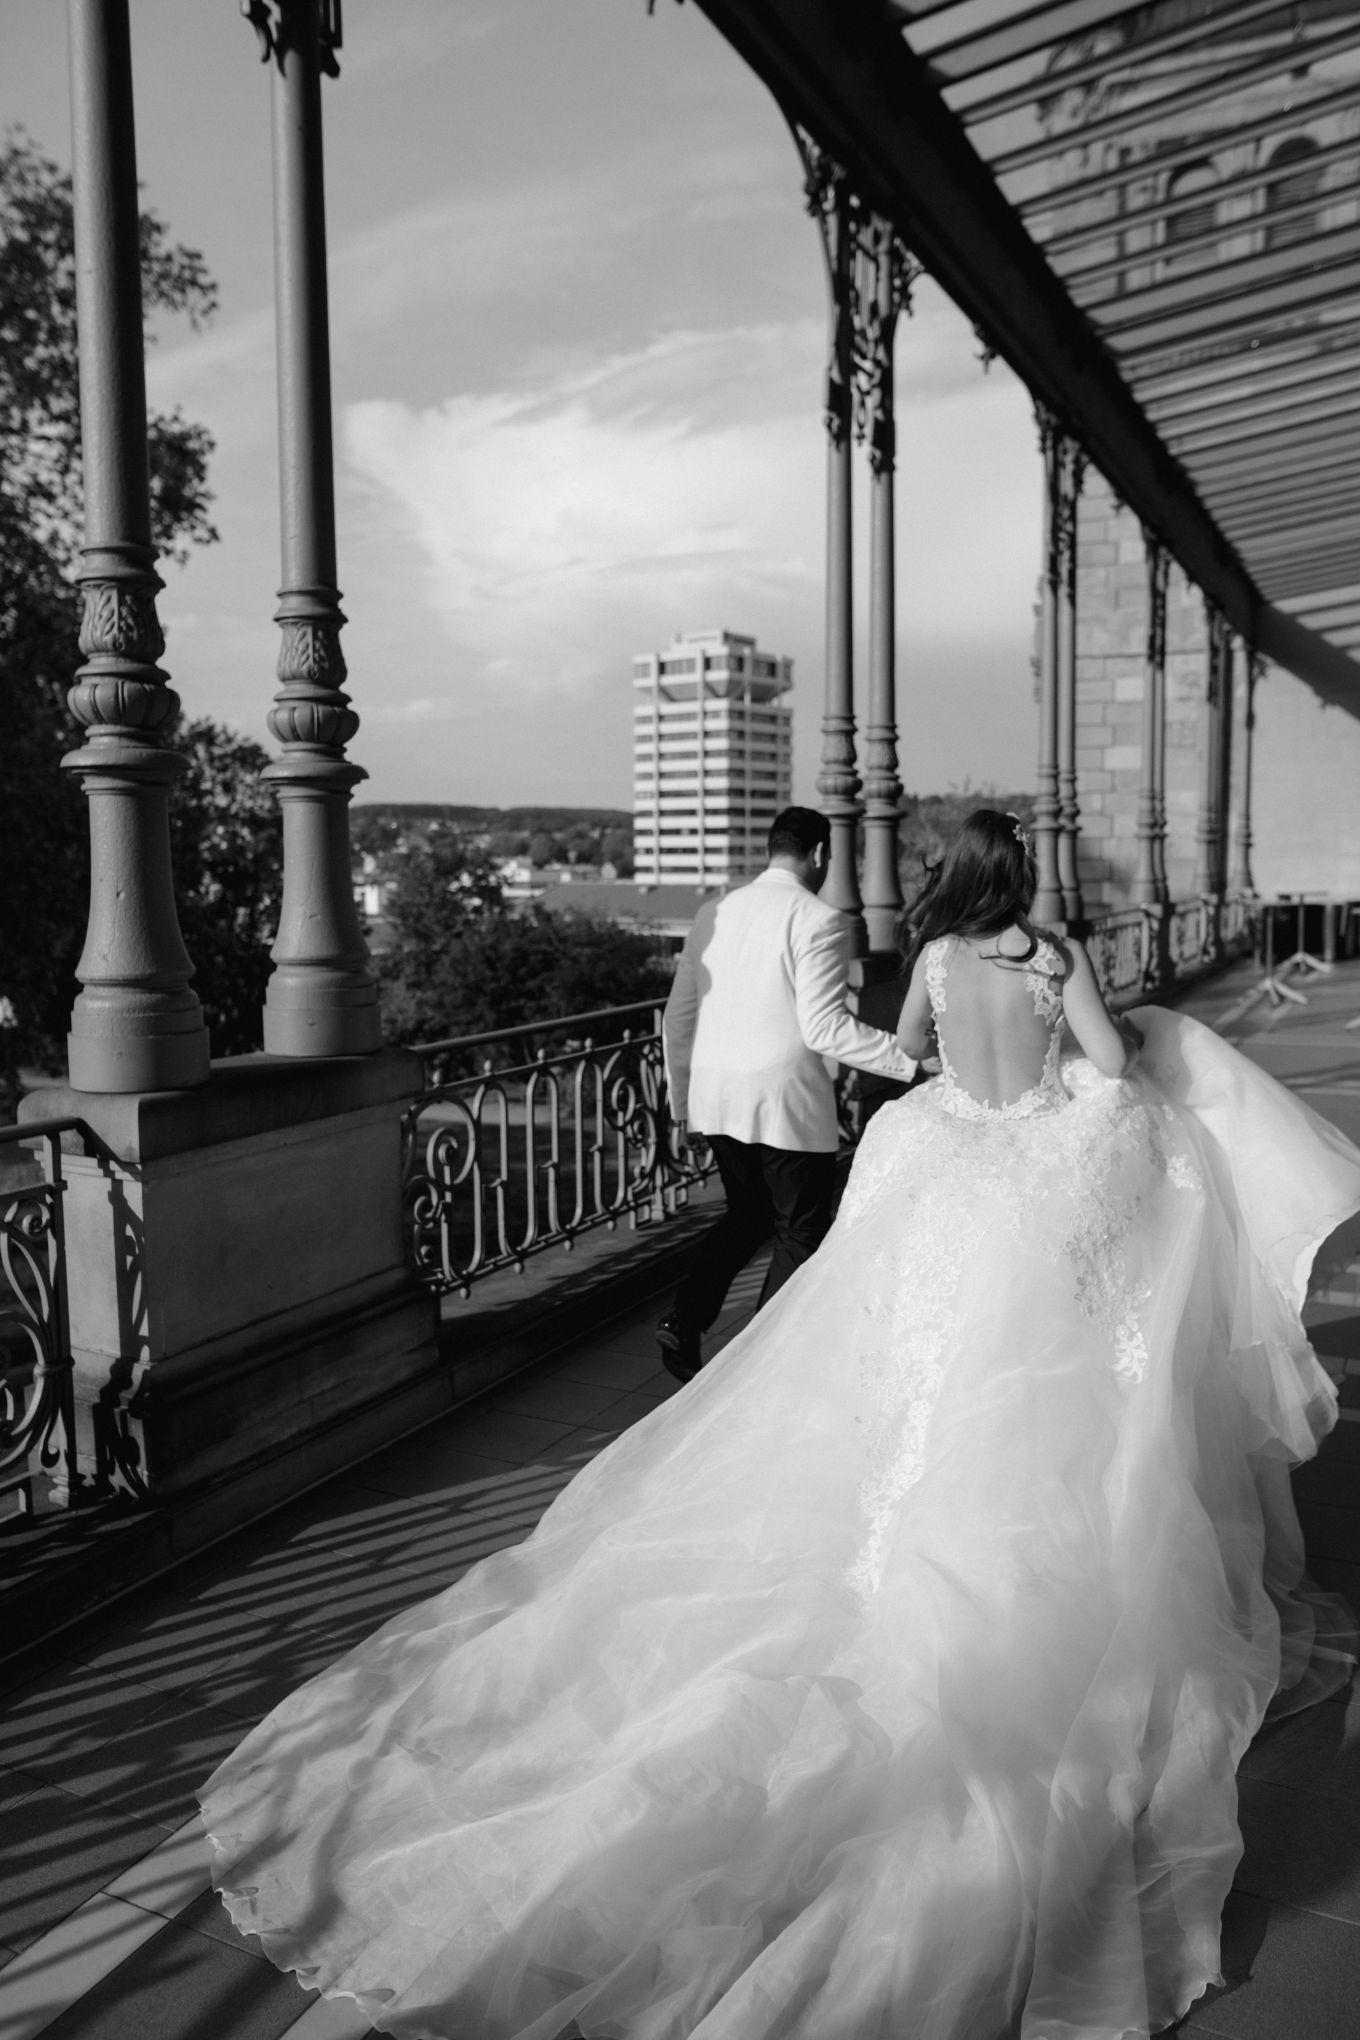 Hochzeit-Historische-Stadthalle-Wuppertal-The-Saums-KN-67.jpg